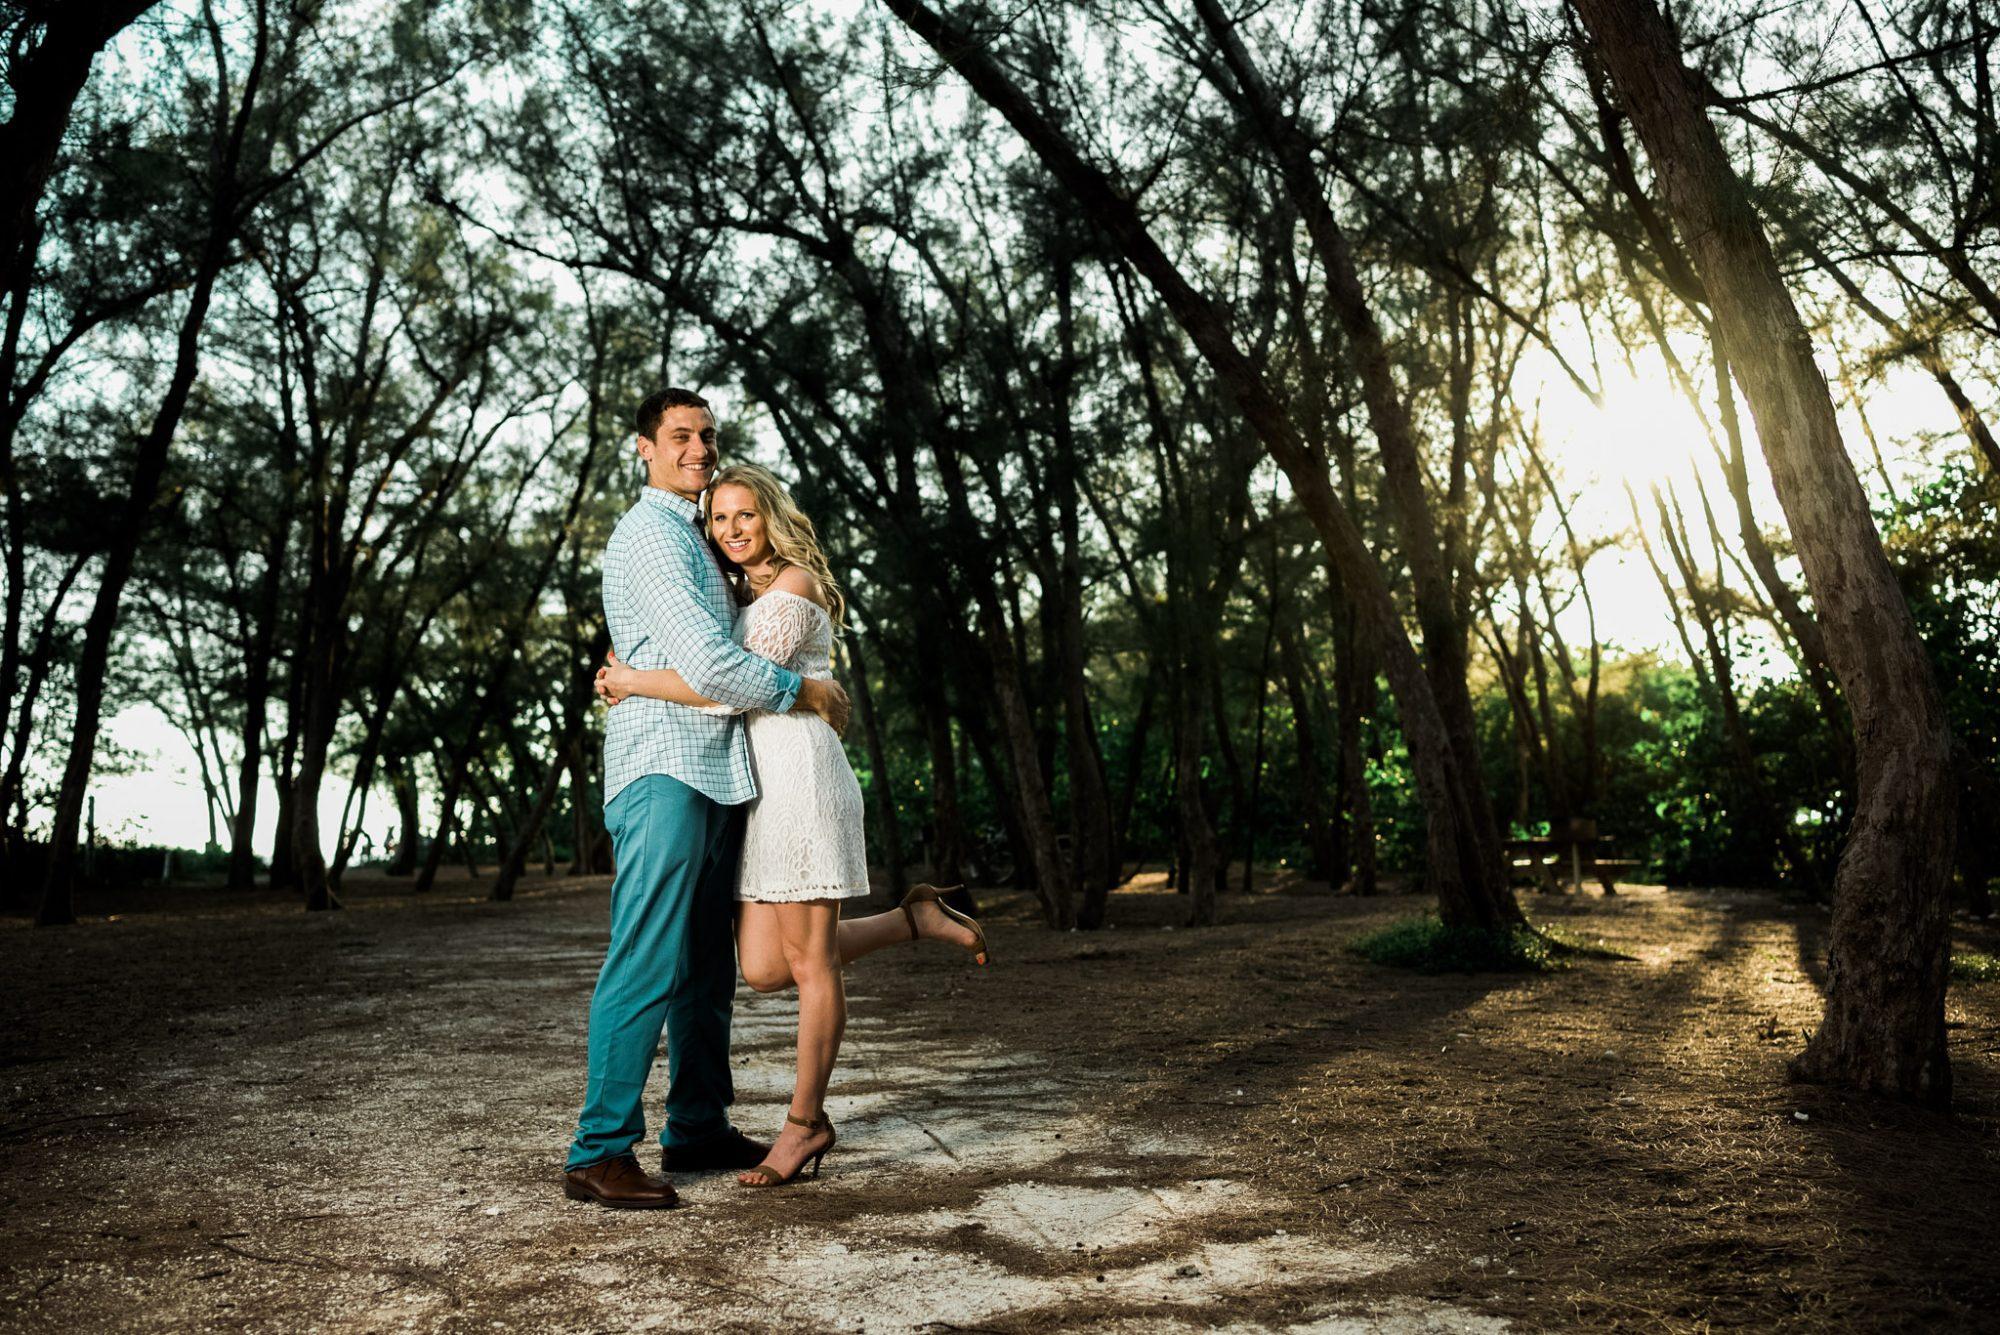 Key West Wedding Photographer - Key West Engagement Photography-9